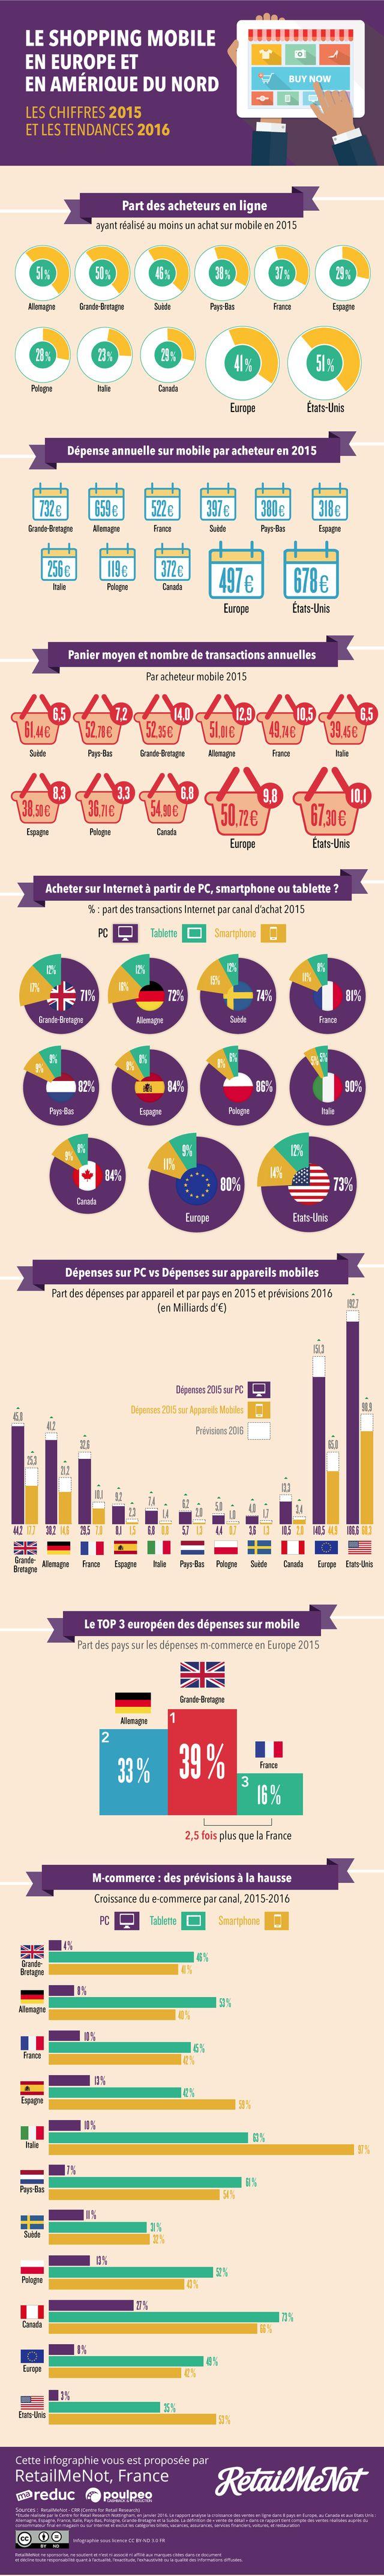 Tendances : le marché du m-commerce à l'international - Etude Marketing - l'ADN